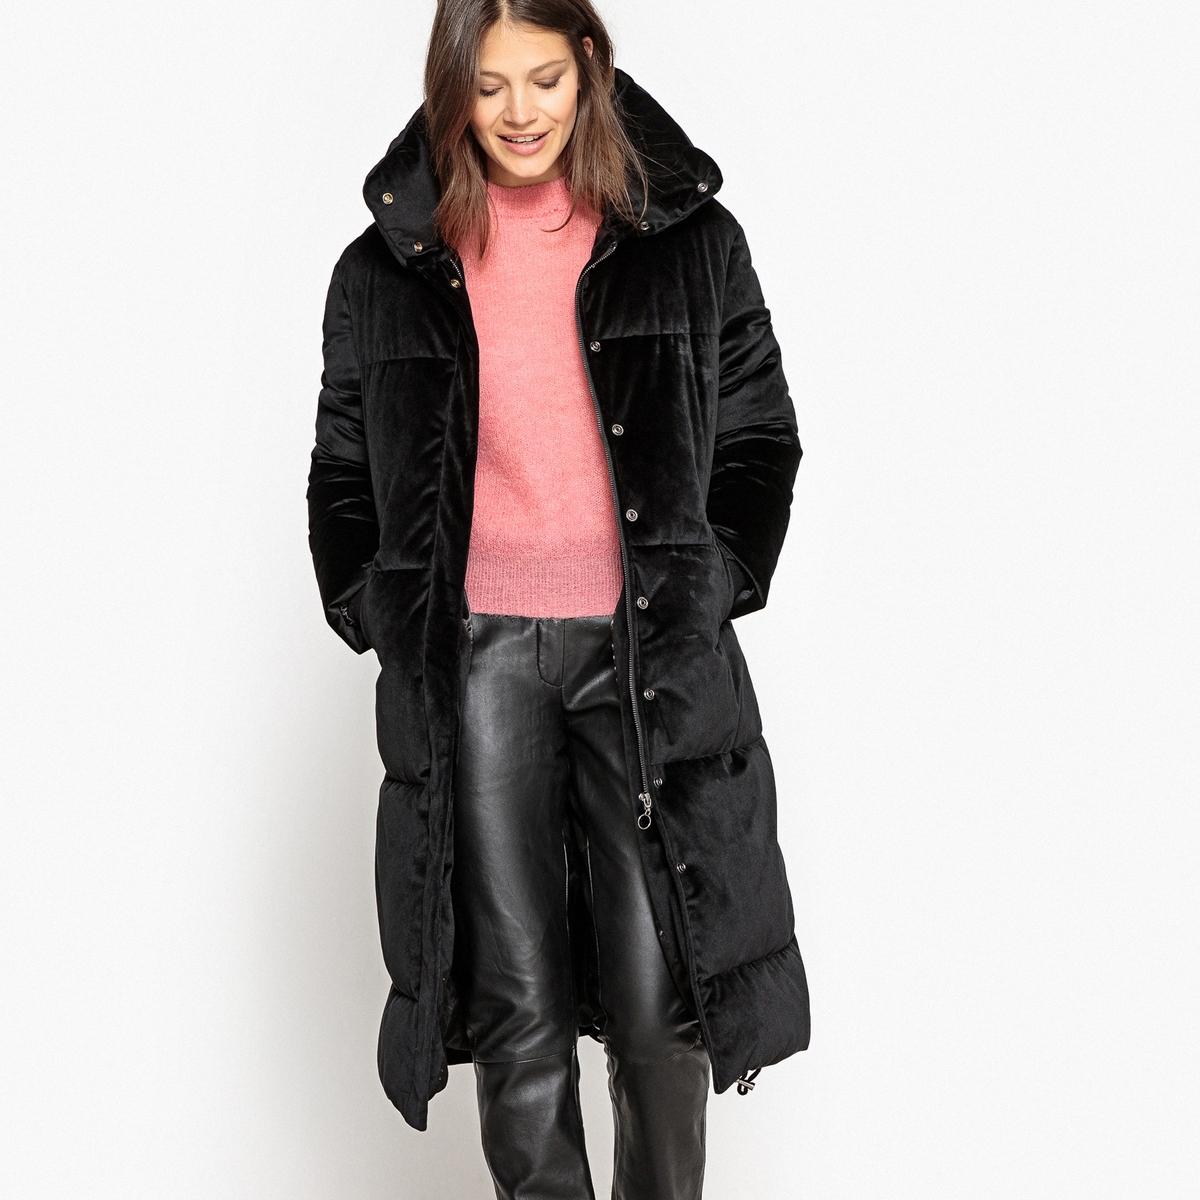 Куртка велюровая длиннаяОписание:Этой зимой велюр снова в моде . Вам будет приятно укутаться в эту стеганую куртку из велюра. Стильная куртка, которая вам сразу придется по вкусу !Детали •  Длина  : удлиненная модель •  Воротник-стойка •  Застежка на молниюСостав и уход •  100% полиэстер •  Подкладка : 100% полиэстер •  Наполнитель : 100% полиэстер •  Следуйте советам по уходу, указанным на этикетке •  Длина  : 110 см.<br><br>Цвет: черный<br>Размер: 40 (FR) - 46 (RUS).38 (FR) - 44 (RUS).34 (FR) - 40 (RUS).36 (FR) - 42 (RUS)